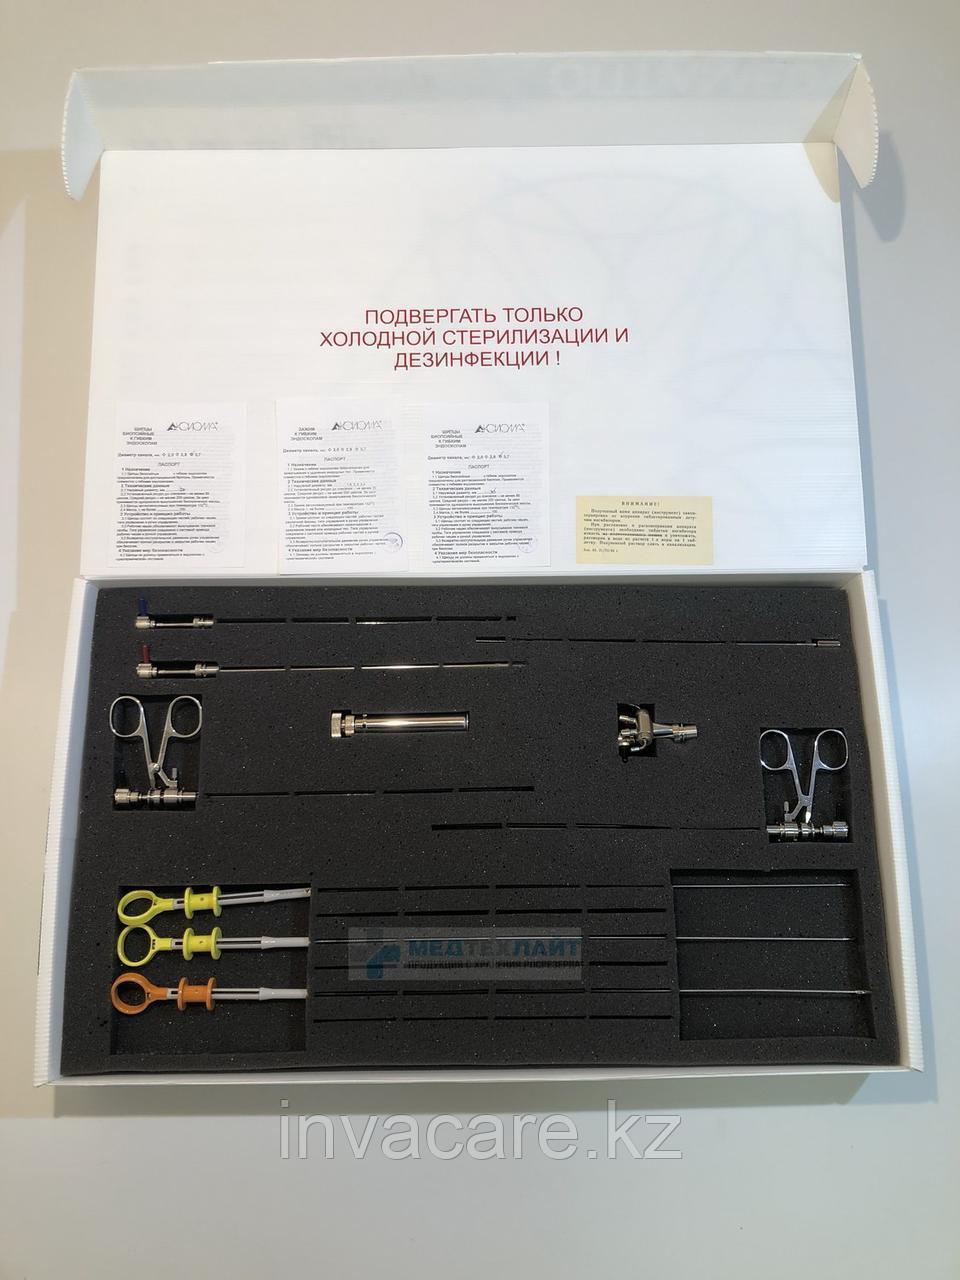 Цистоуретроскоп операционный ЦуО-ВС-11 мод. 521S (комплект с гибким и жестким инструментом)